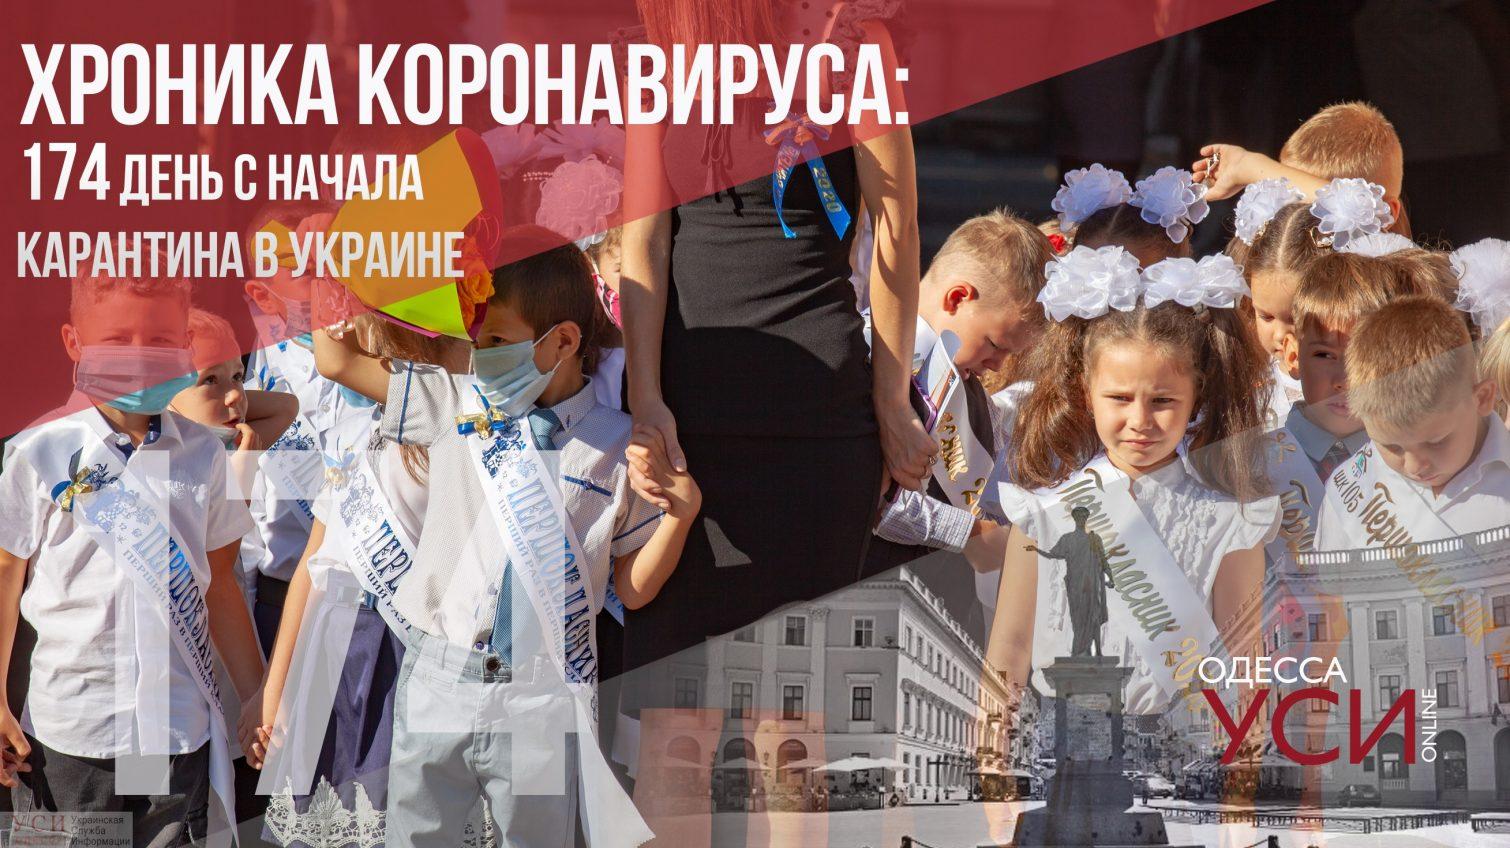 Хроника коронавируса: 174 дня с начала карантина в Украине «фото»